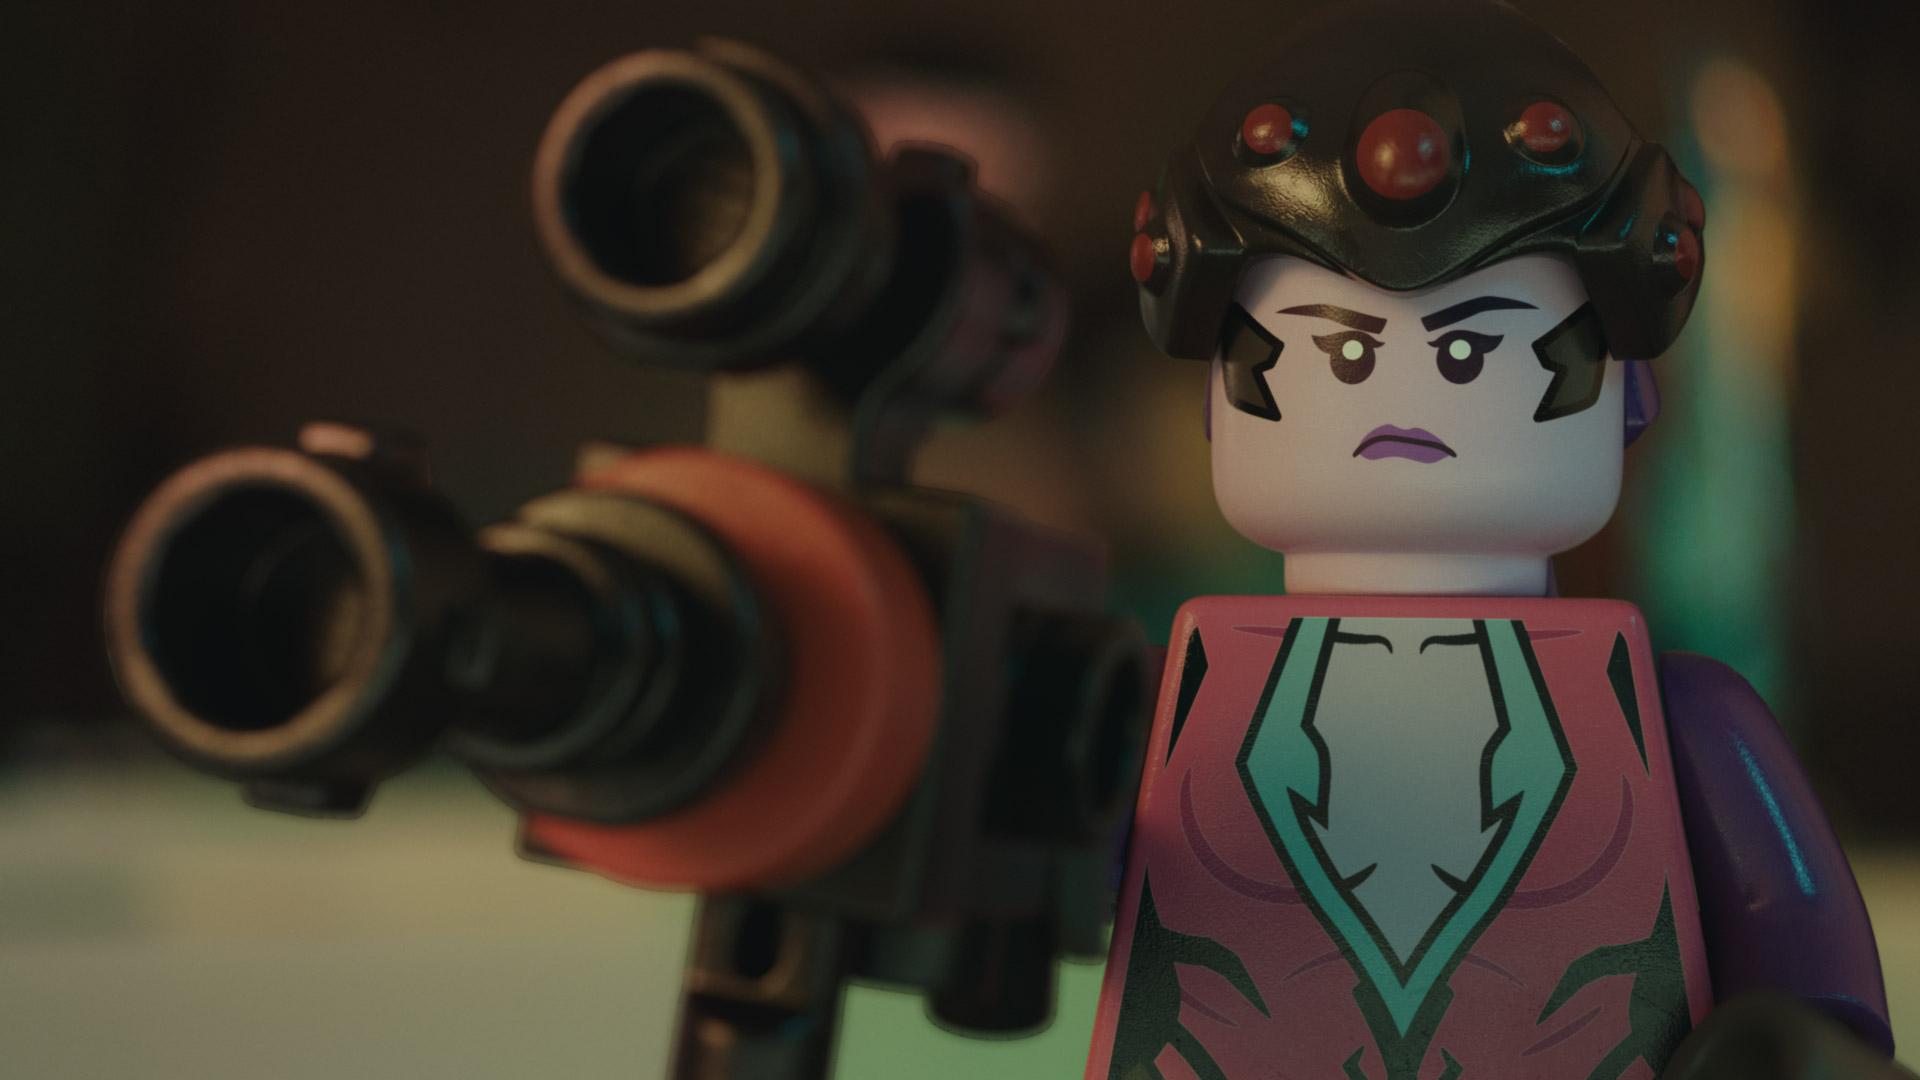 LEGO_OW_91913